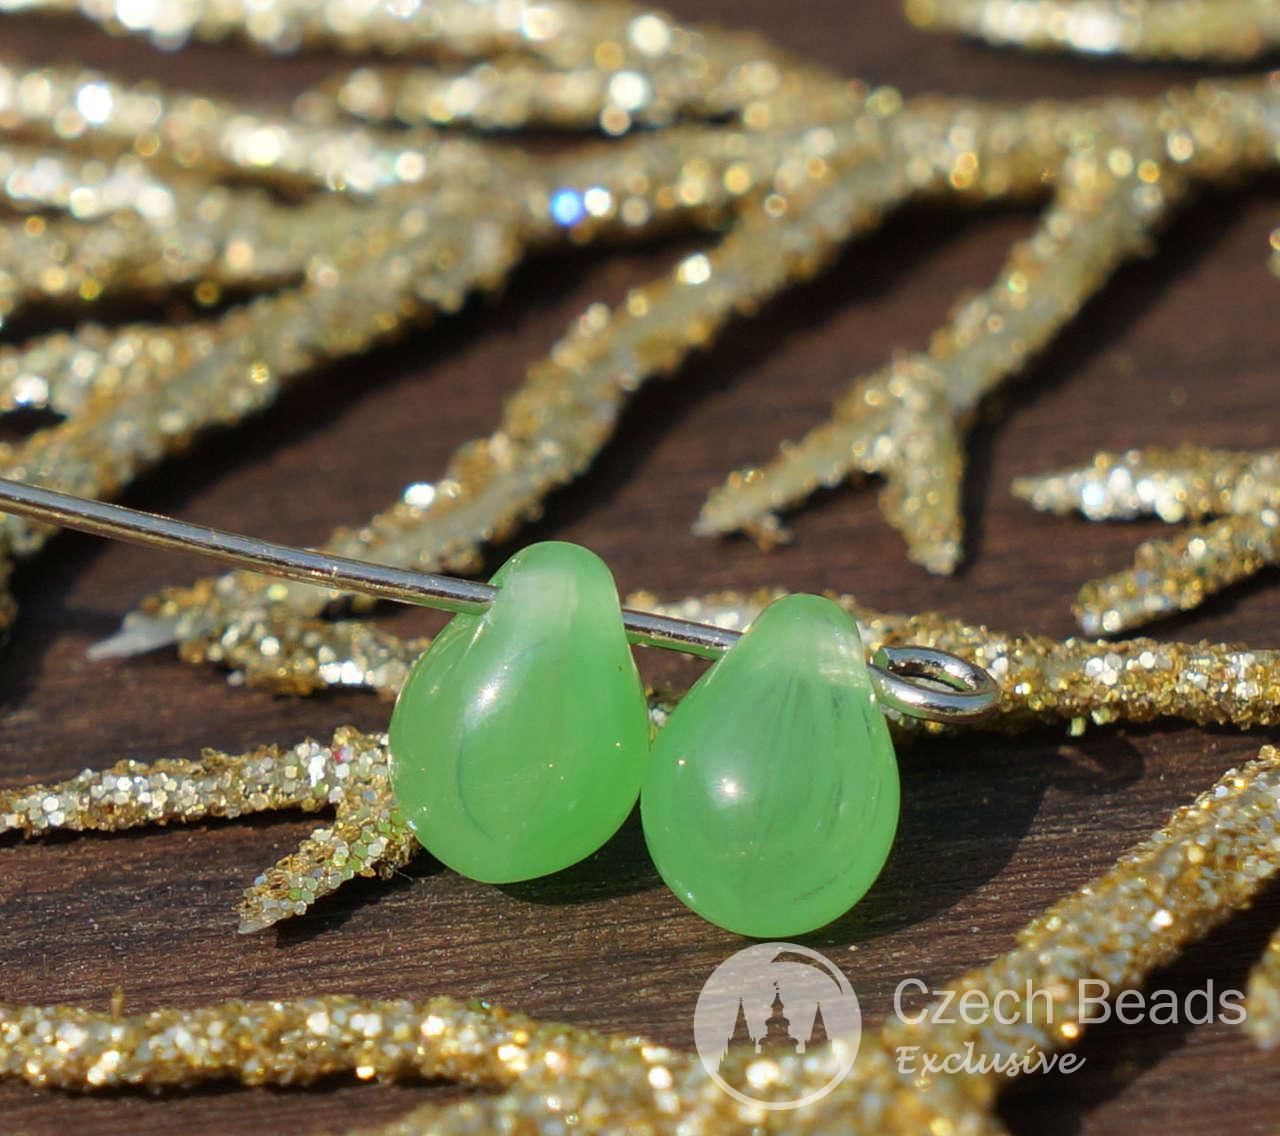 Verde checa Perlas en forma de Lágrima de Cristal checo de Perlas de Vidrio de Gota de Lágrima Pequeñas Perlas de Cristal checo Soltar Perlas de Bohemia de Cuentas Exclusivo de 7 mm x 5 mm 40pc para $ 2.07 de Czech Beads Exclusive